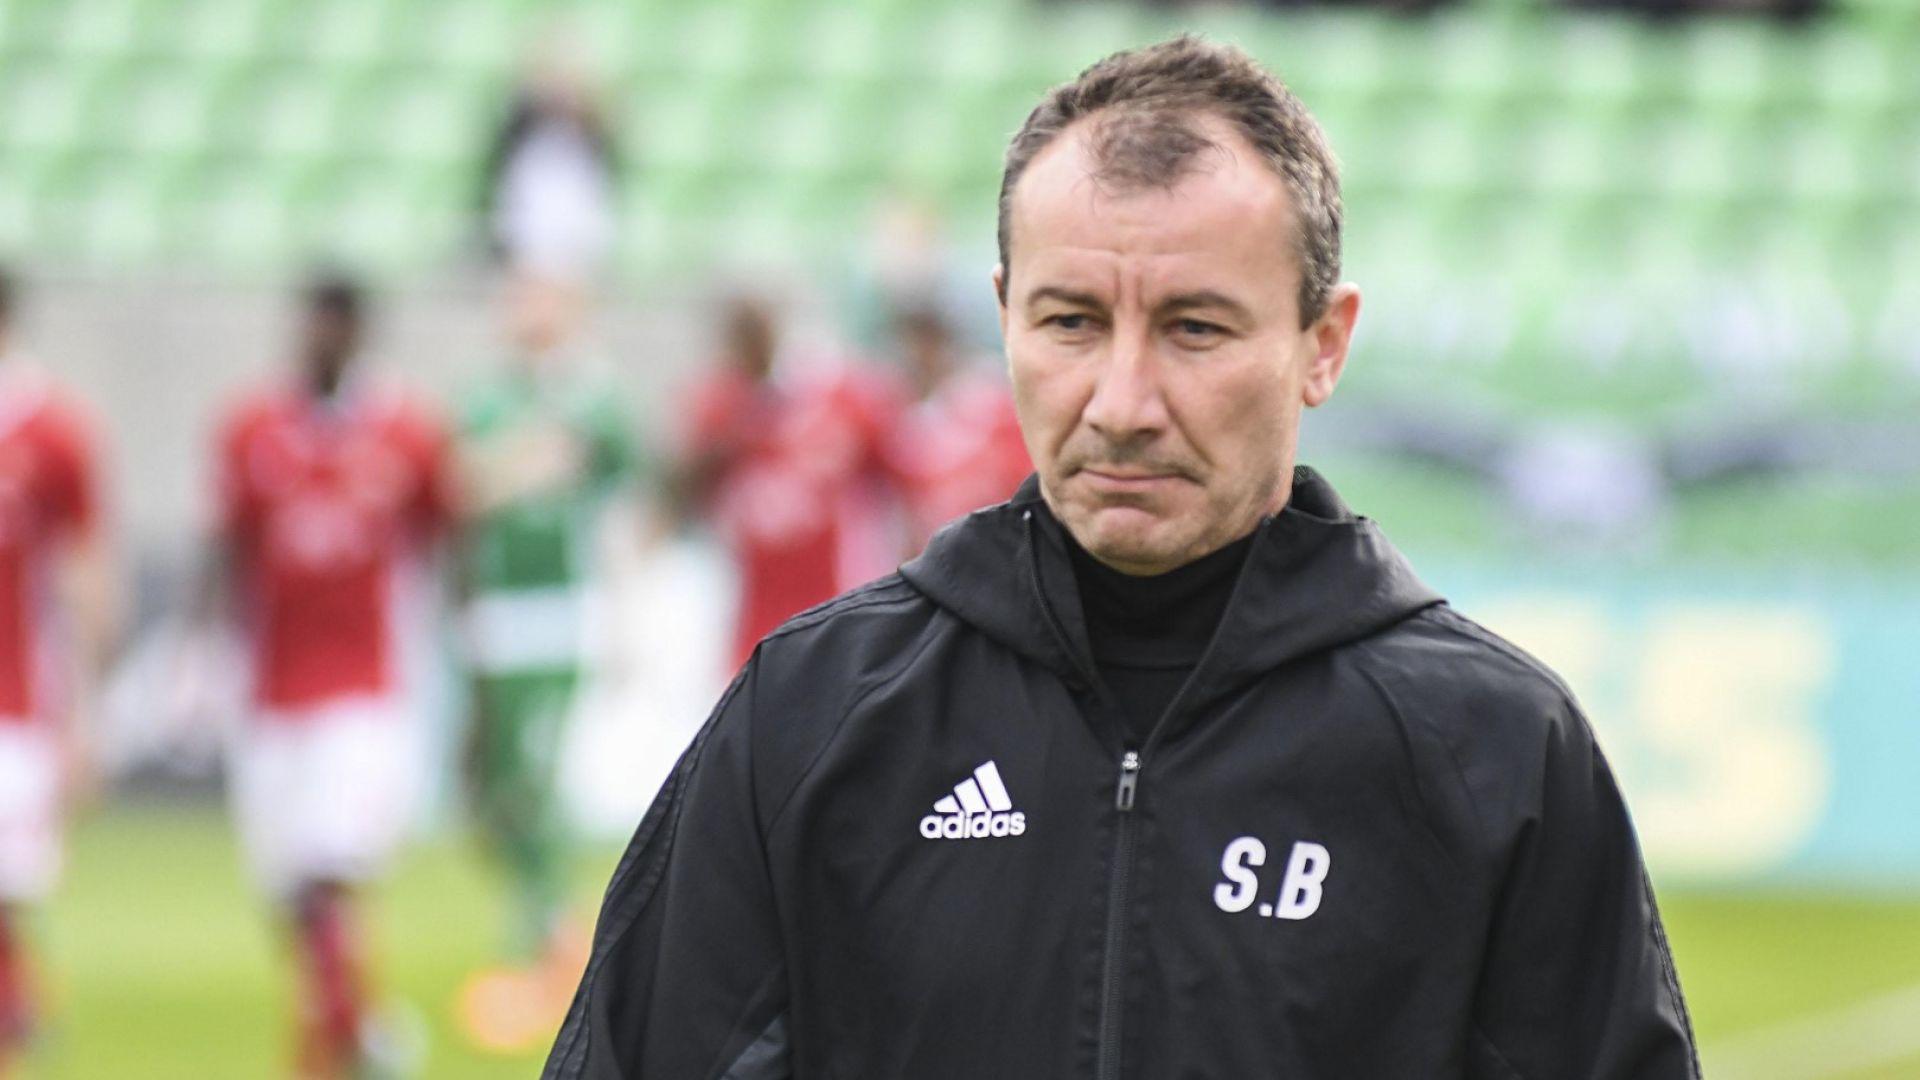 Стамен Белчев поема ЦСКА още днес след провала за Купата?